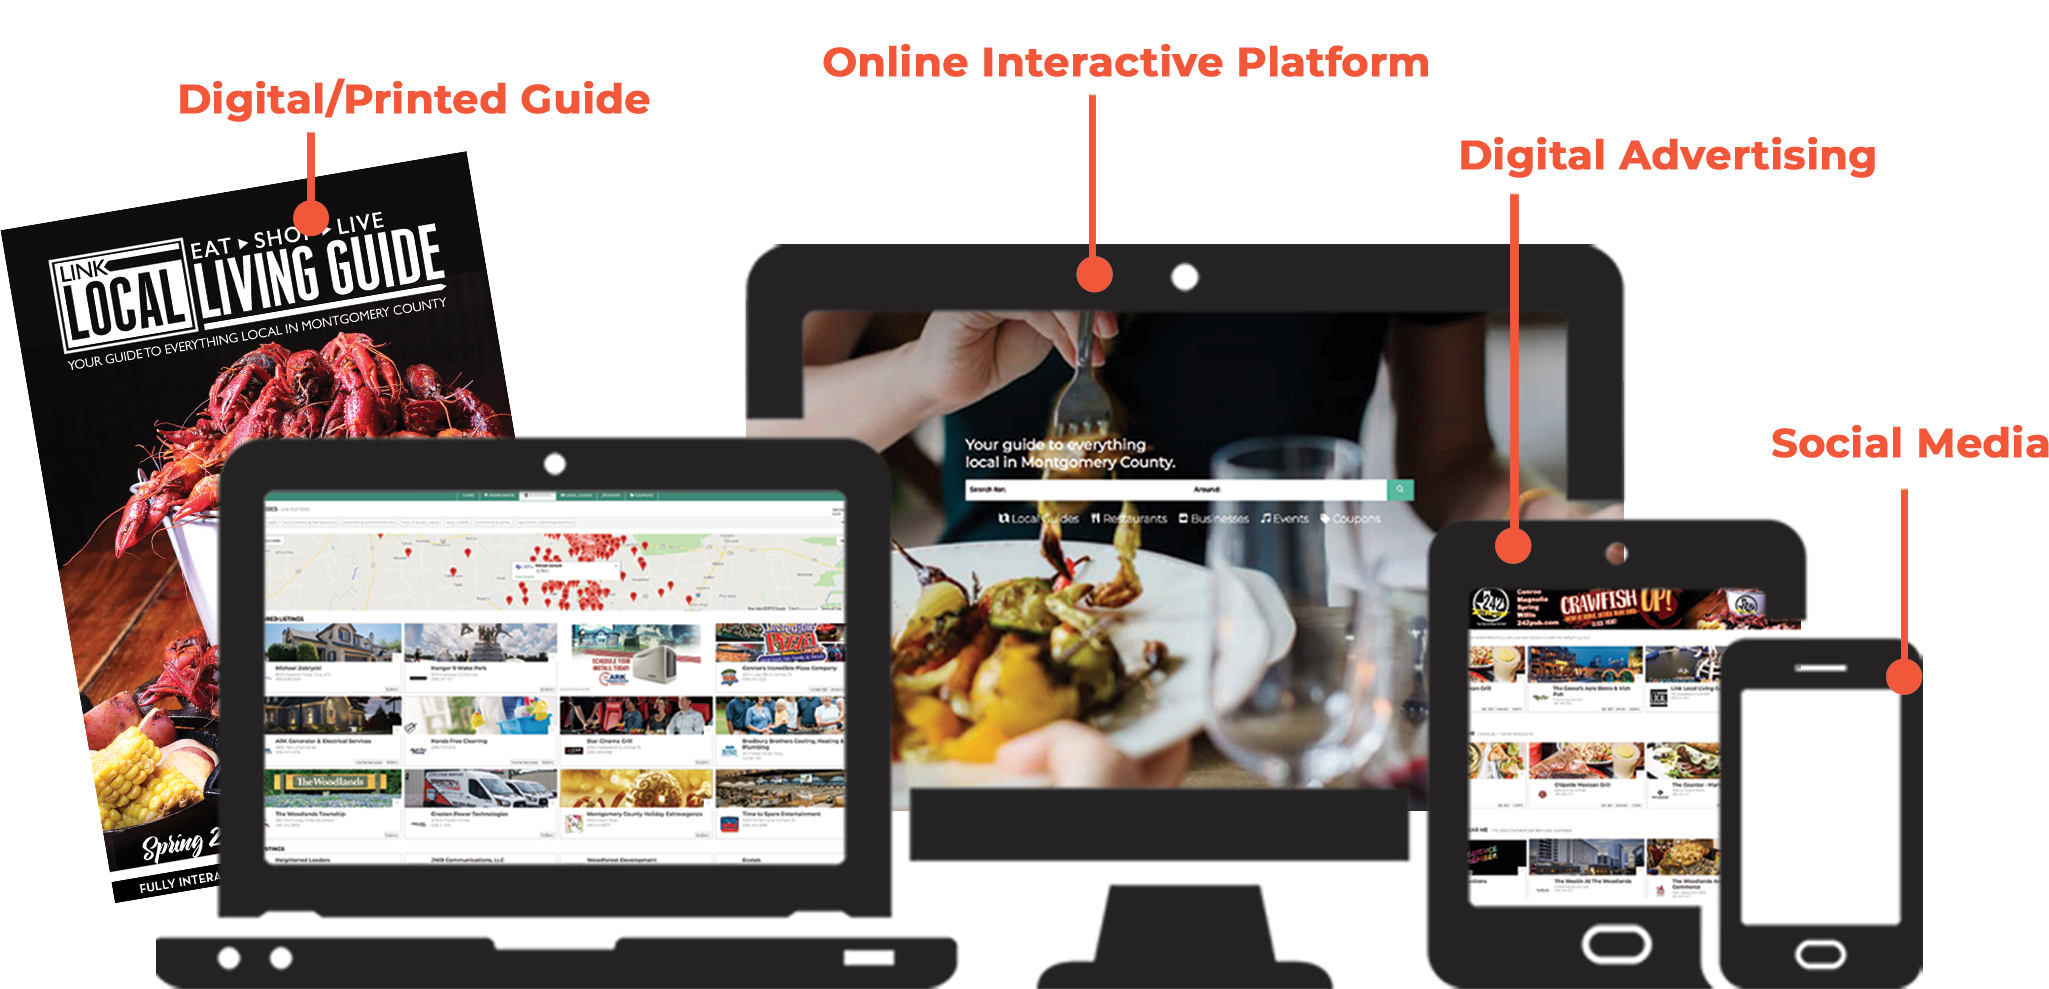 platform-image copy